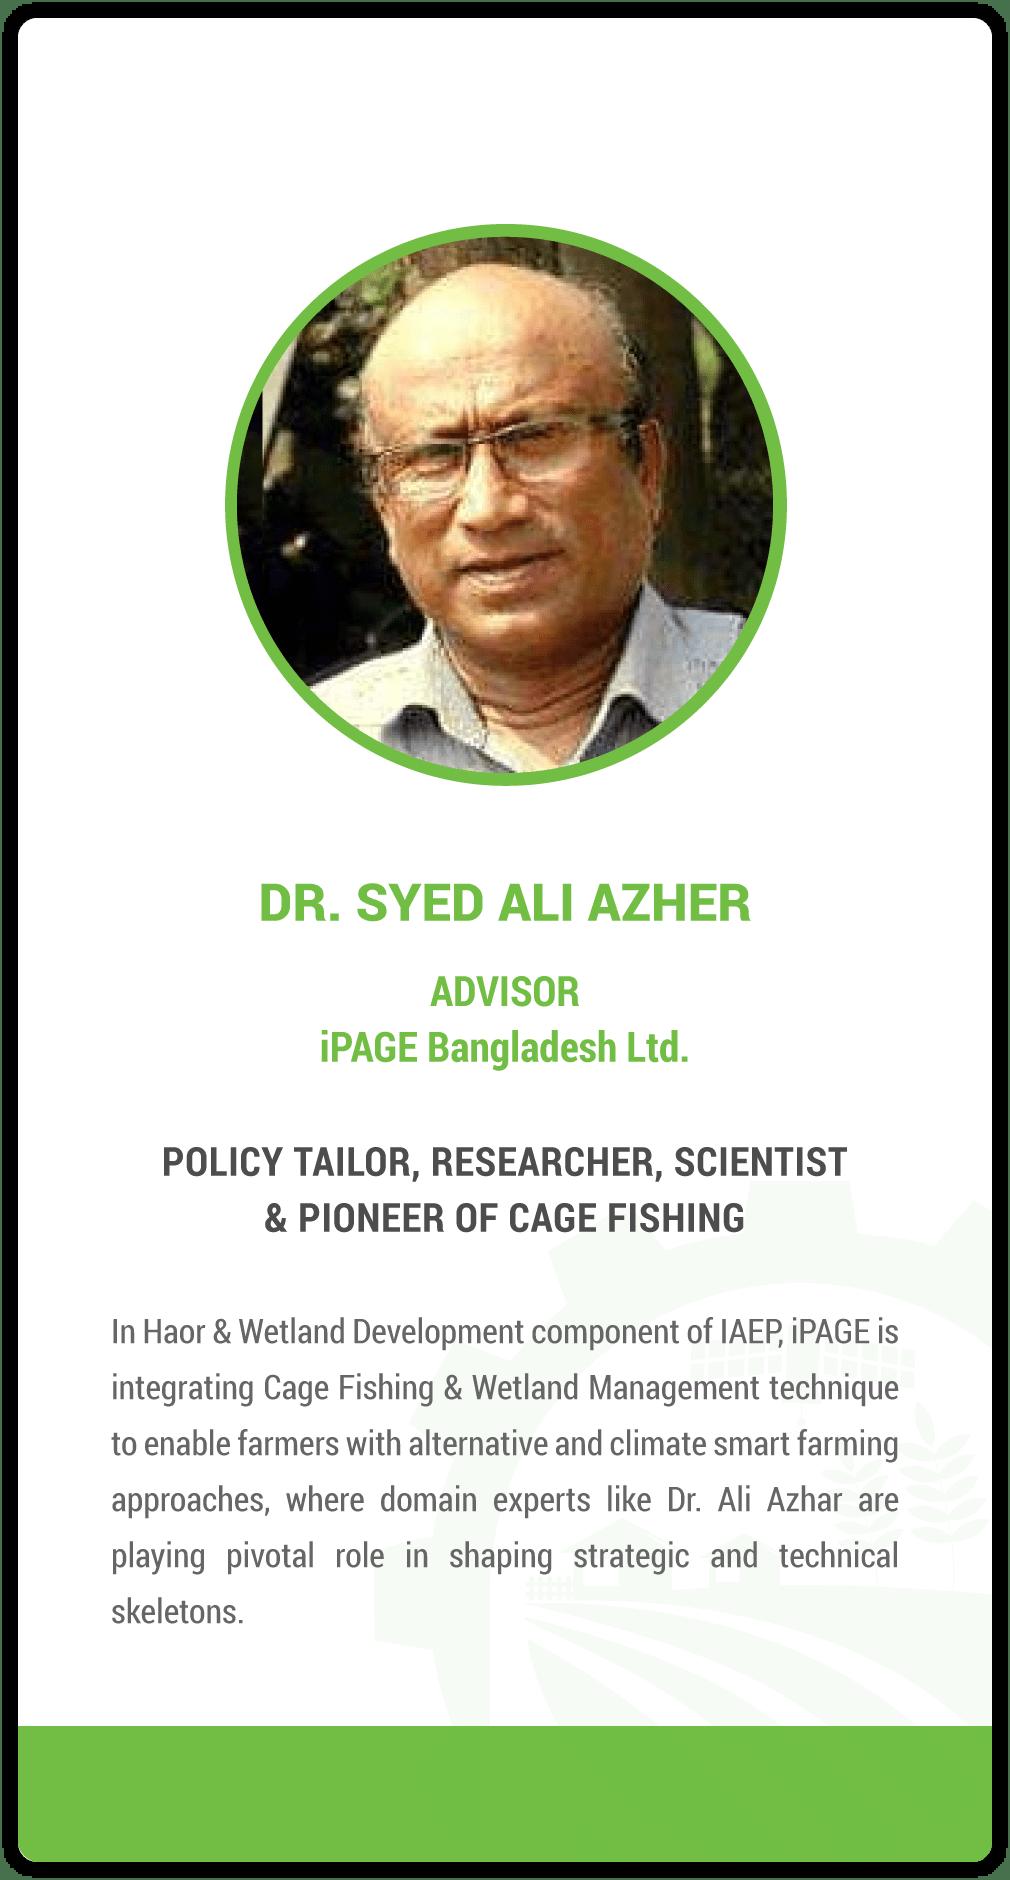 Syed Ali Azher